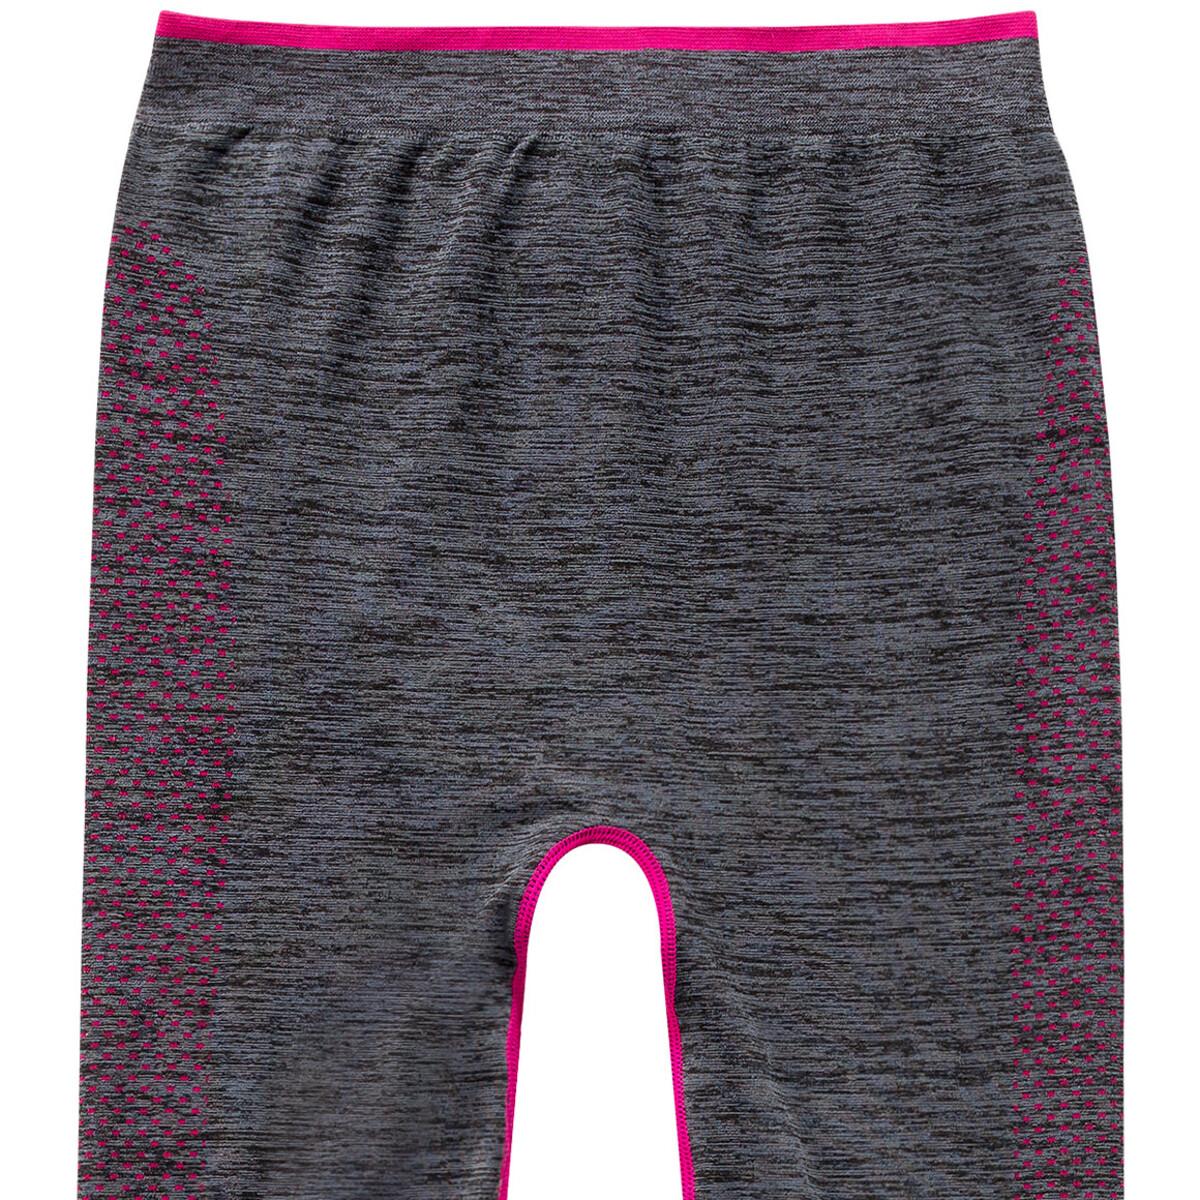 Bild 2 von Mädchen Sport-Unterhose in Seamless-Qualität